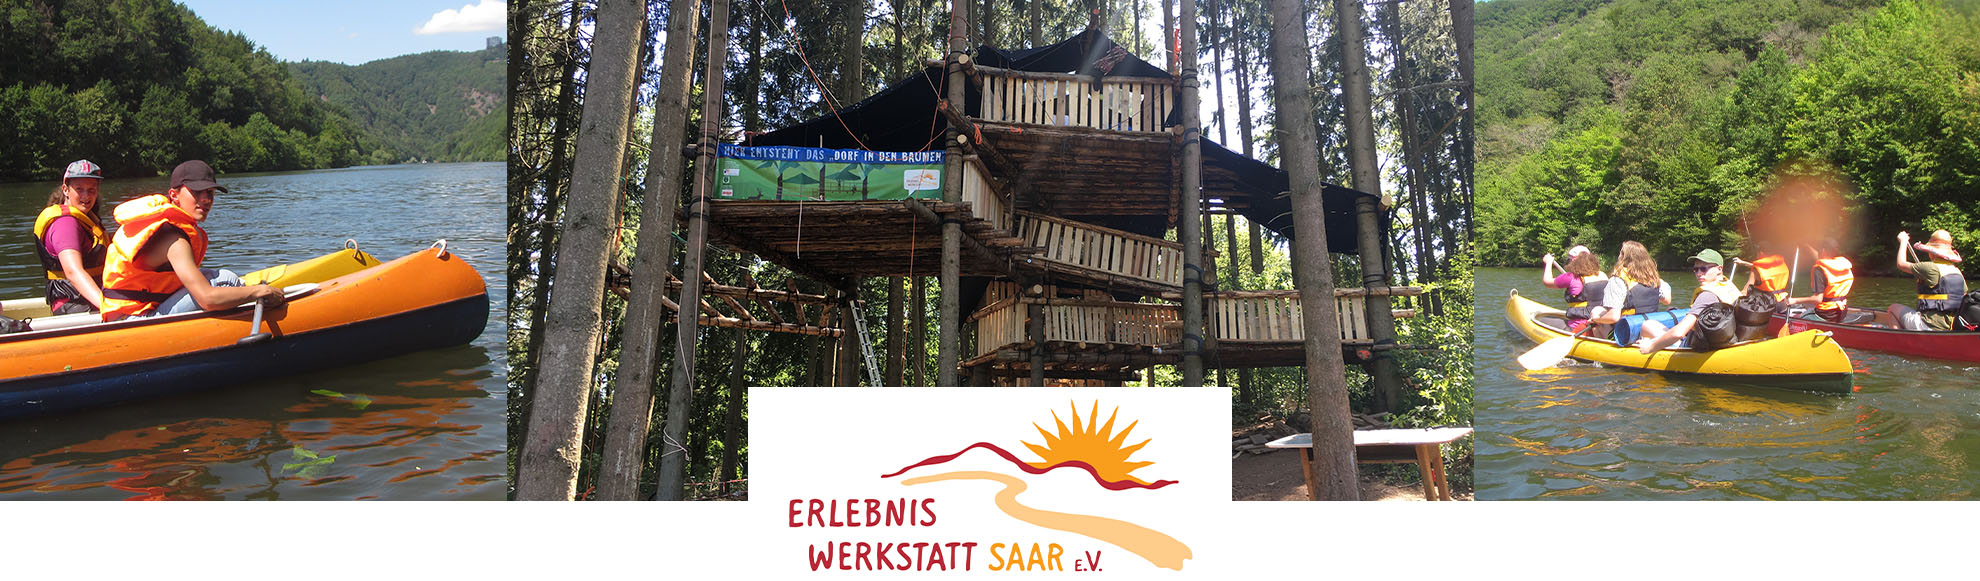 Erlebniswerkstatt Saar e.V.